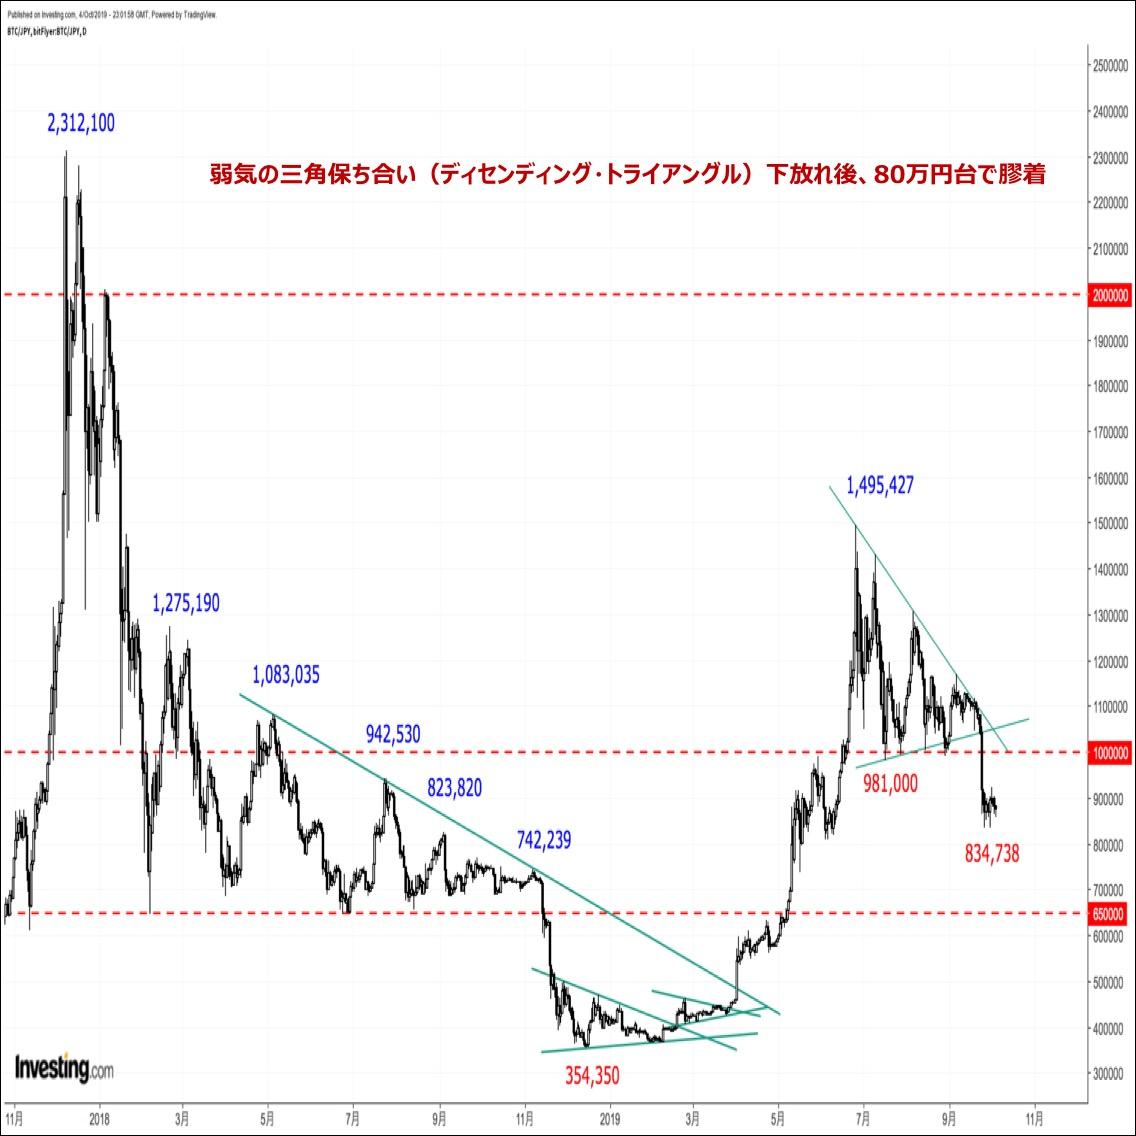 ビットコインの価格分析『80万円台で底打ちするも戻りは鈍い、二番底に要警戒』(19/10/7)